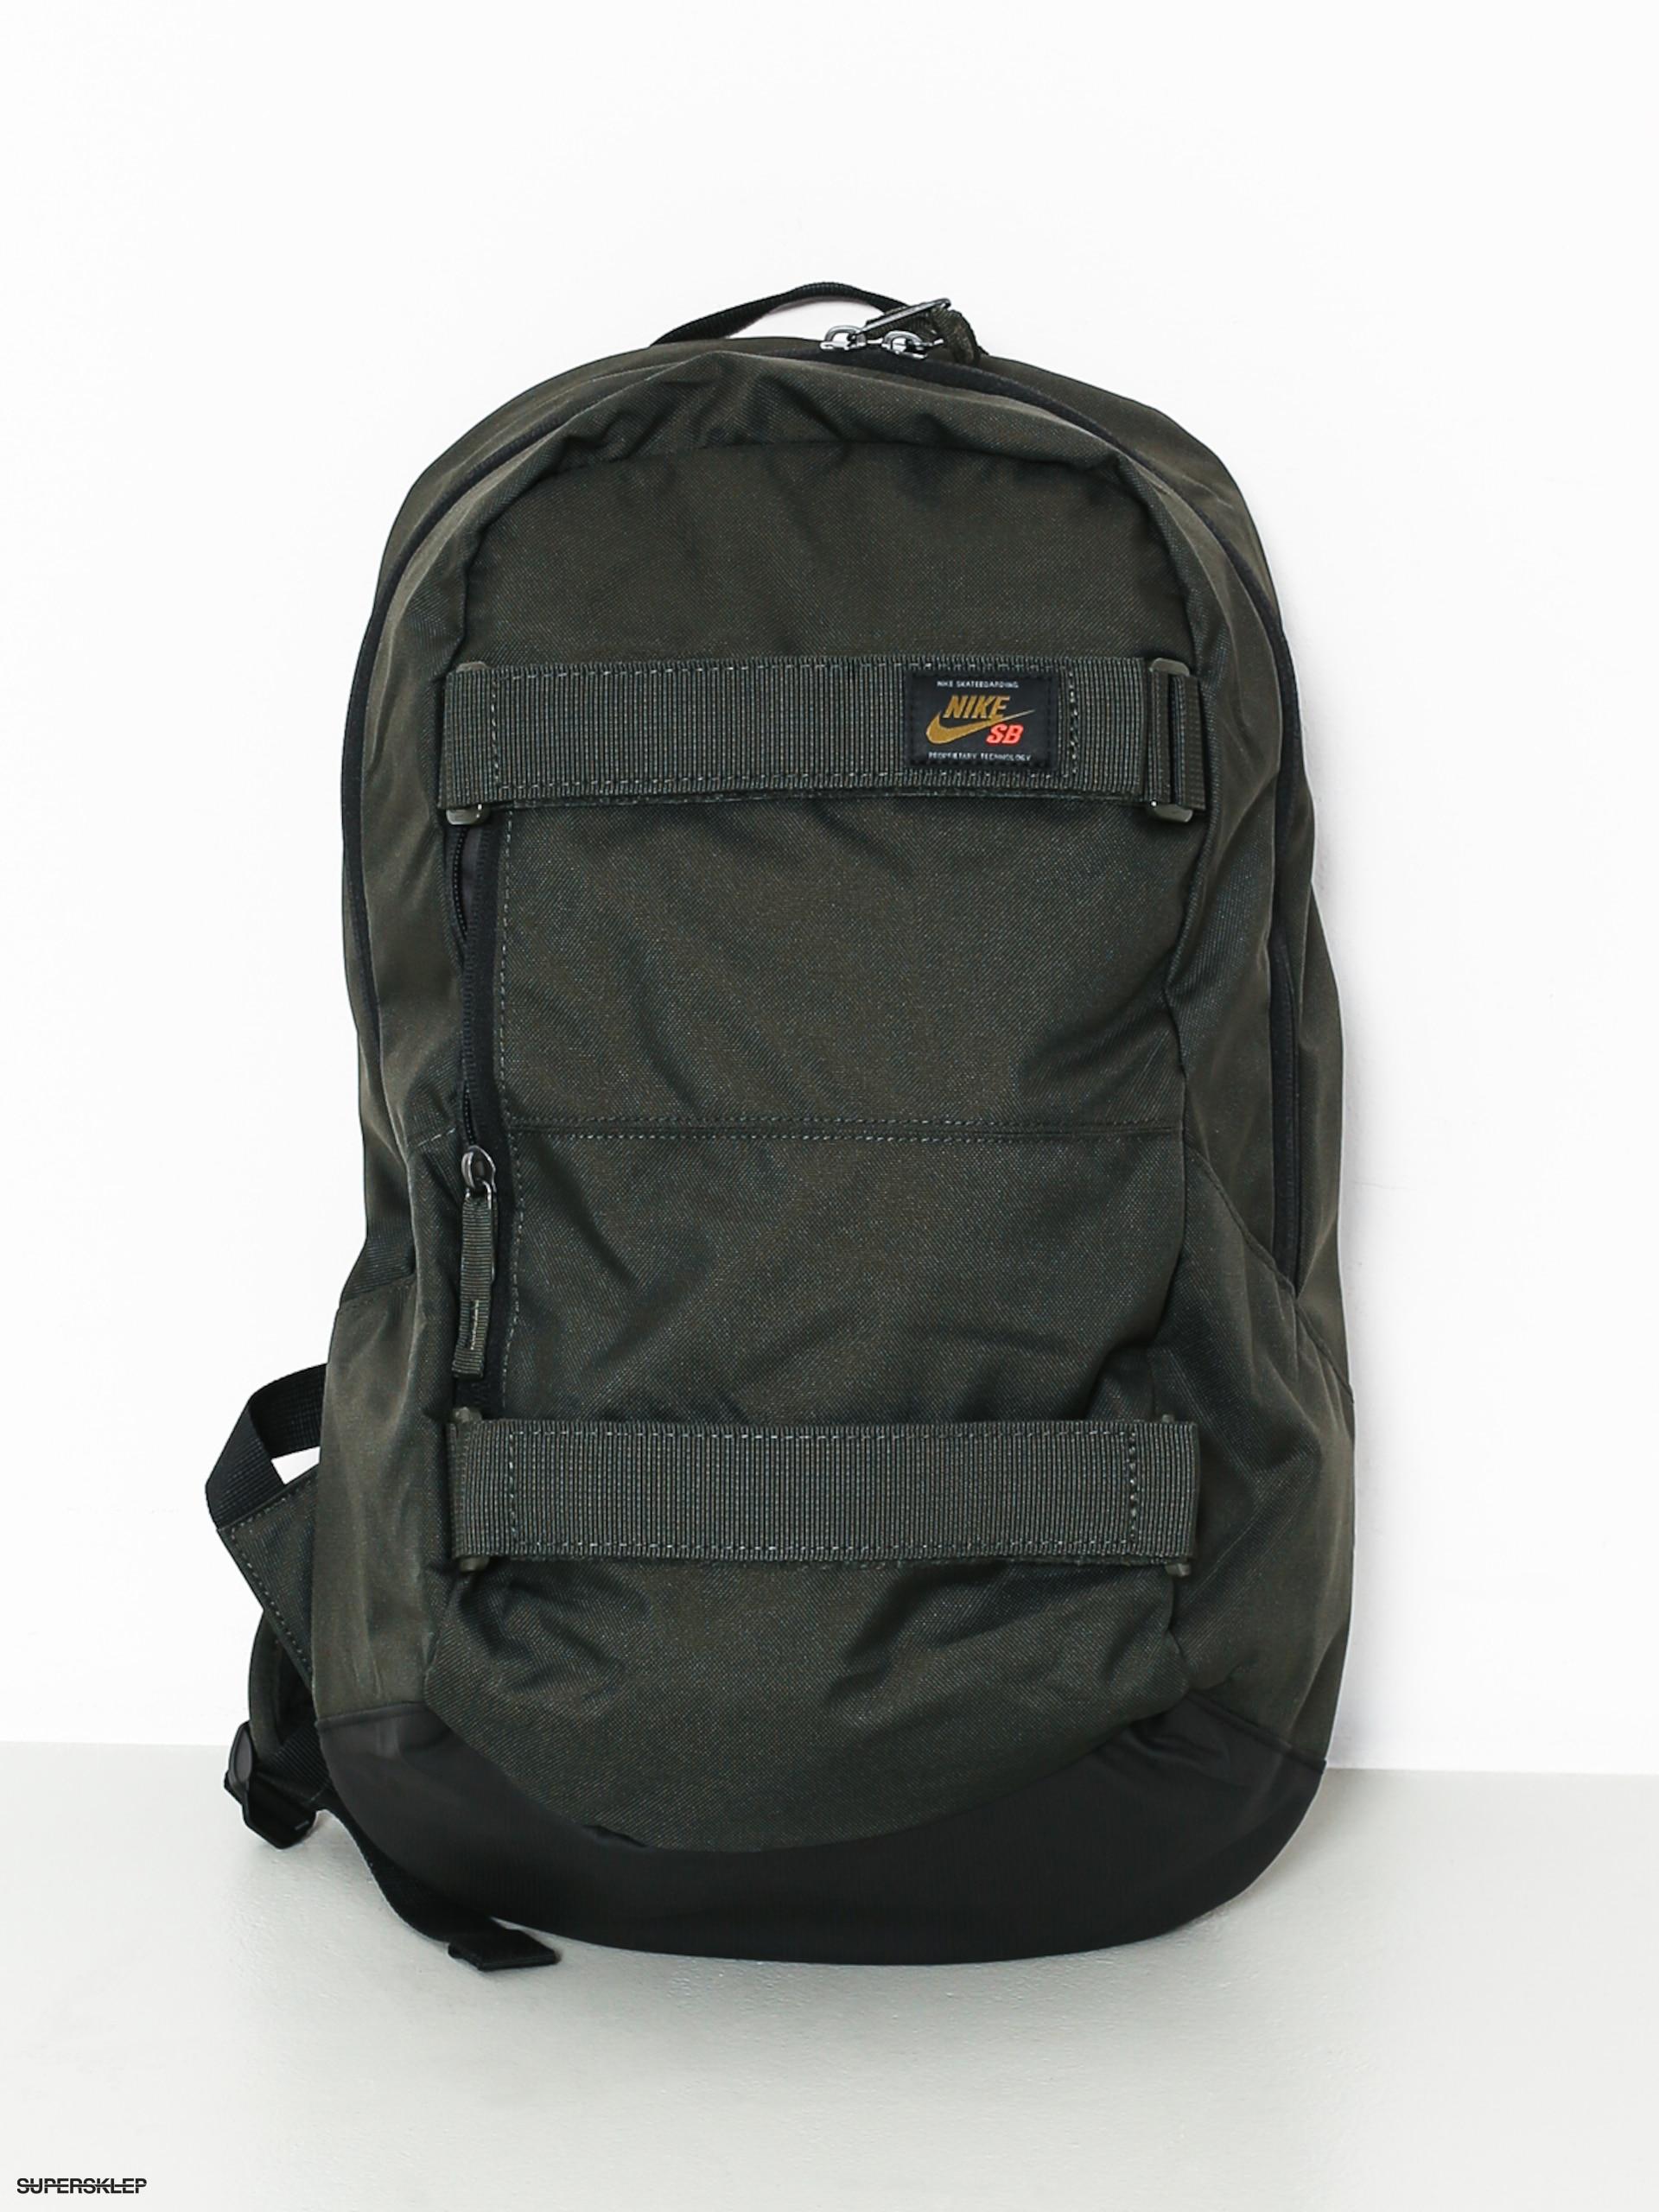 b9d9158ce34d8 Plecak Nike SB Sb Courthouse (sequoia/black/olive flak)